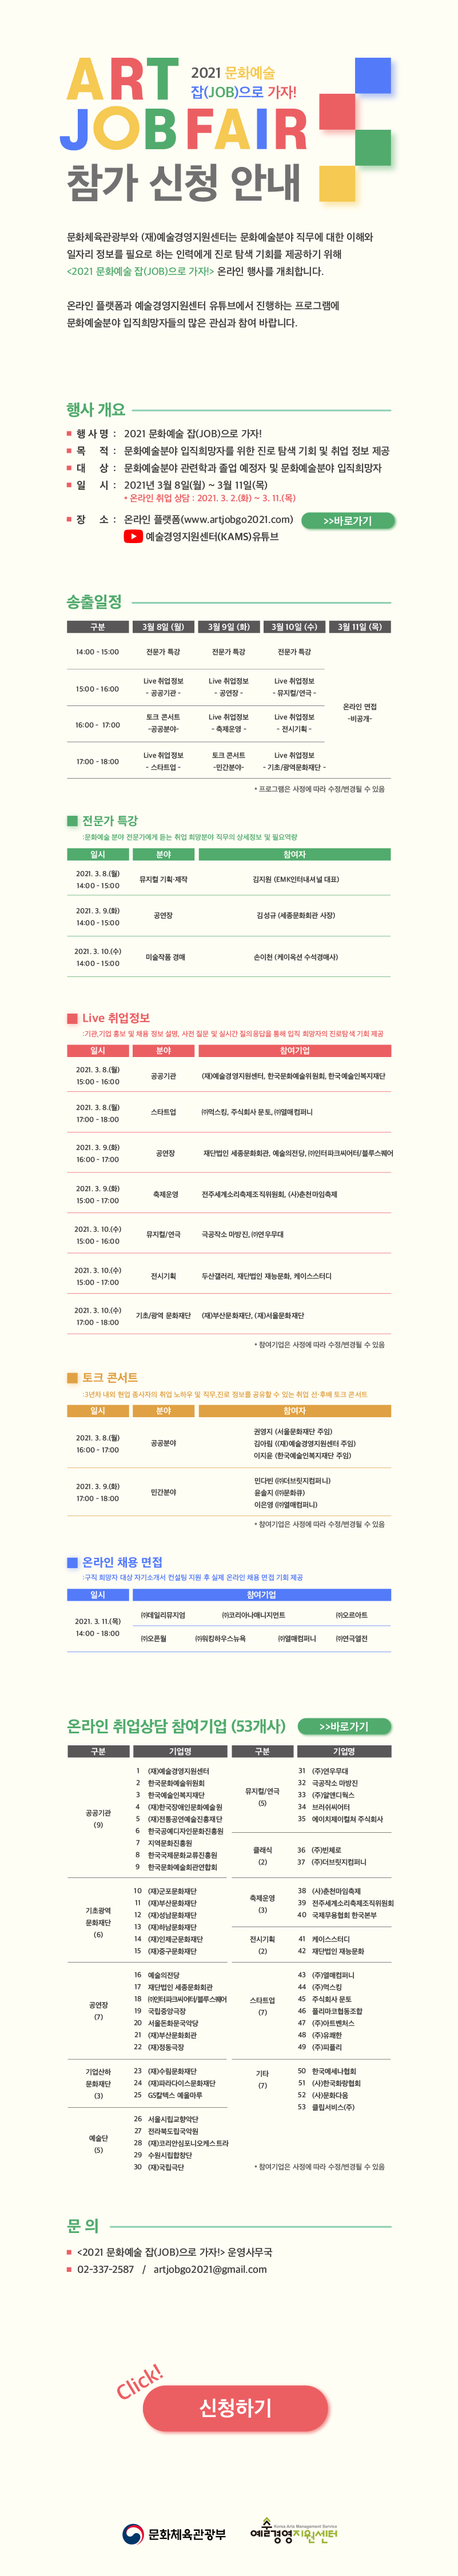 [예술경영지원센터]문화예술 잡으로 가자